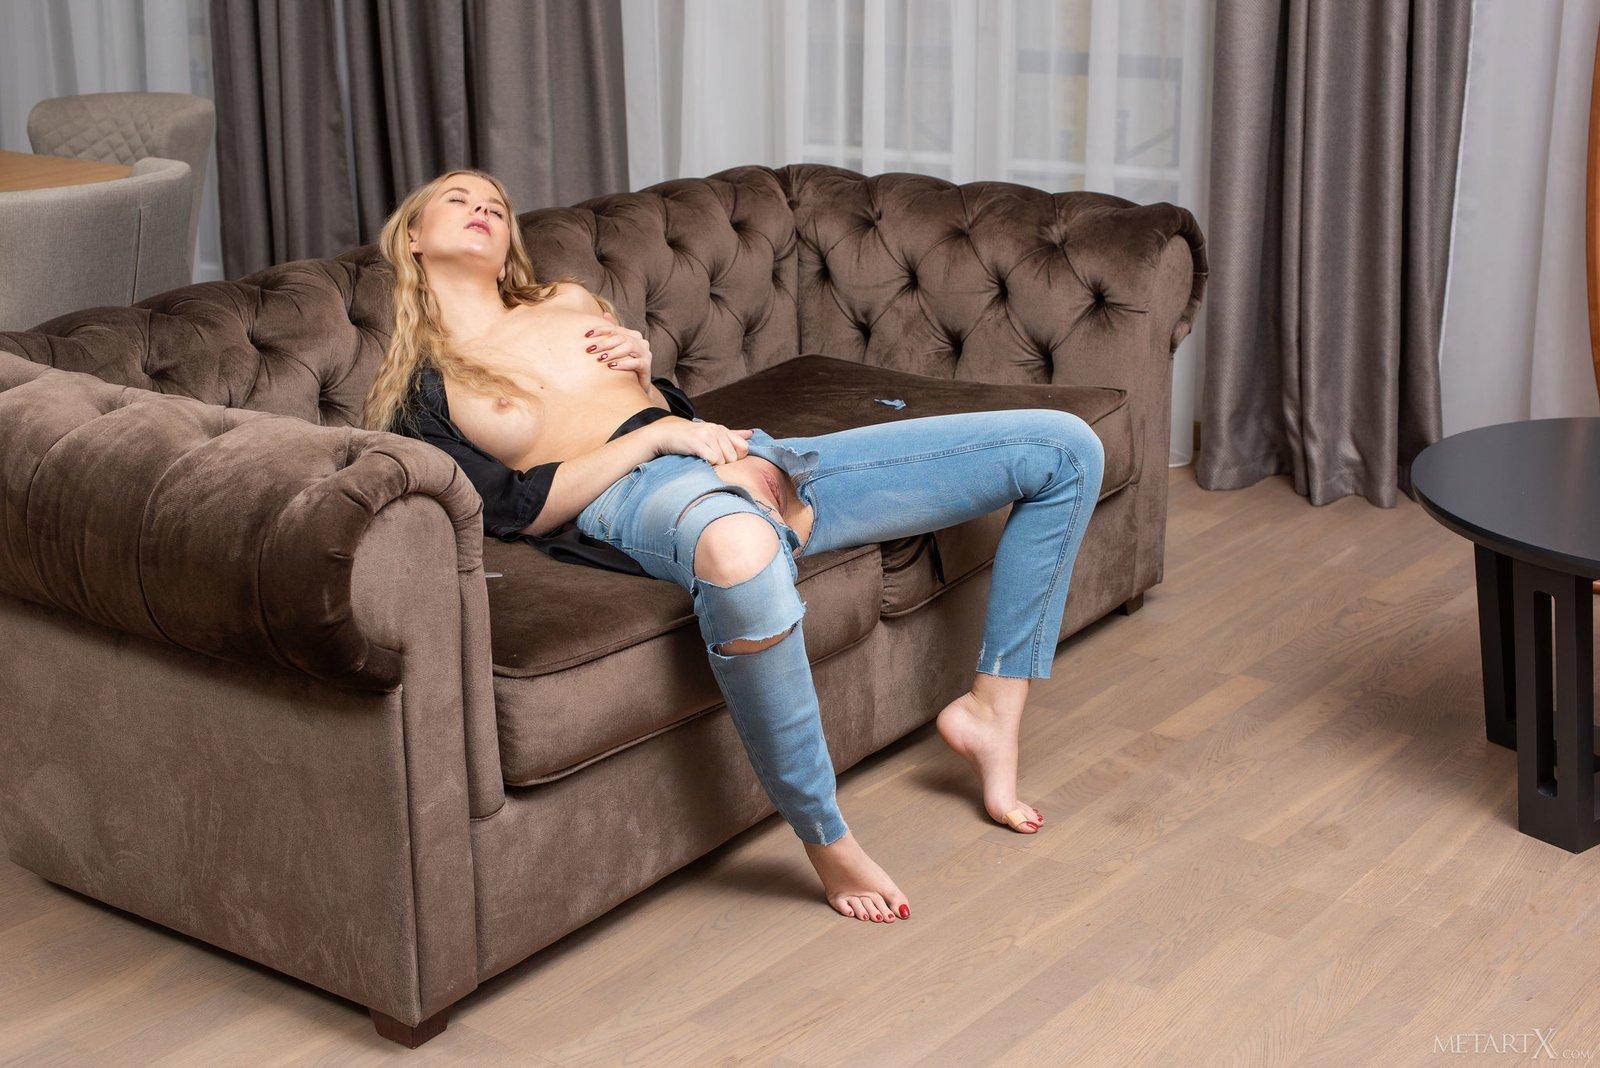 писает попадает шлюхи в рваных джинсах медленно